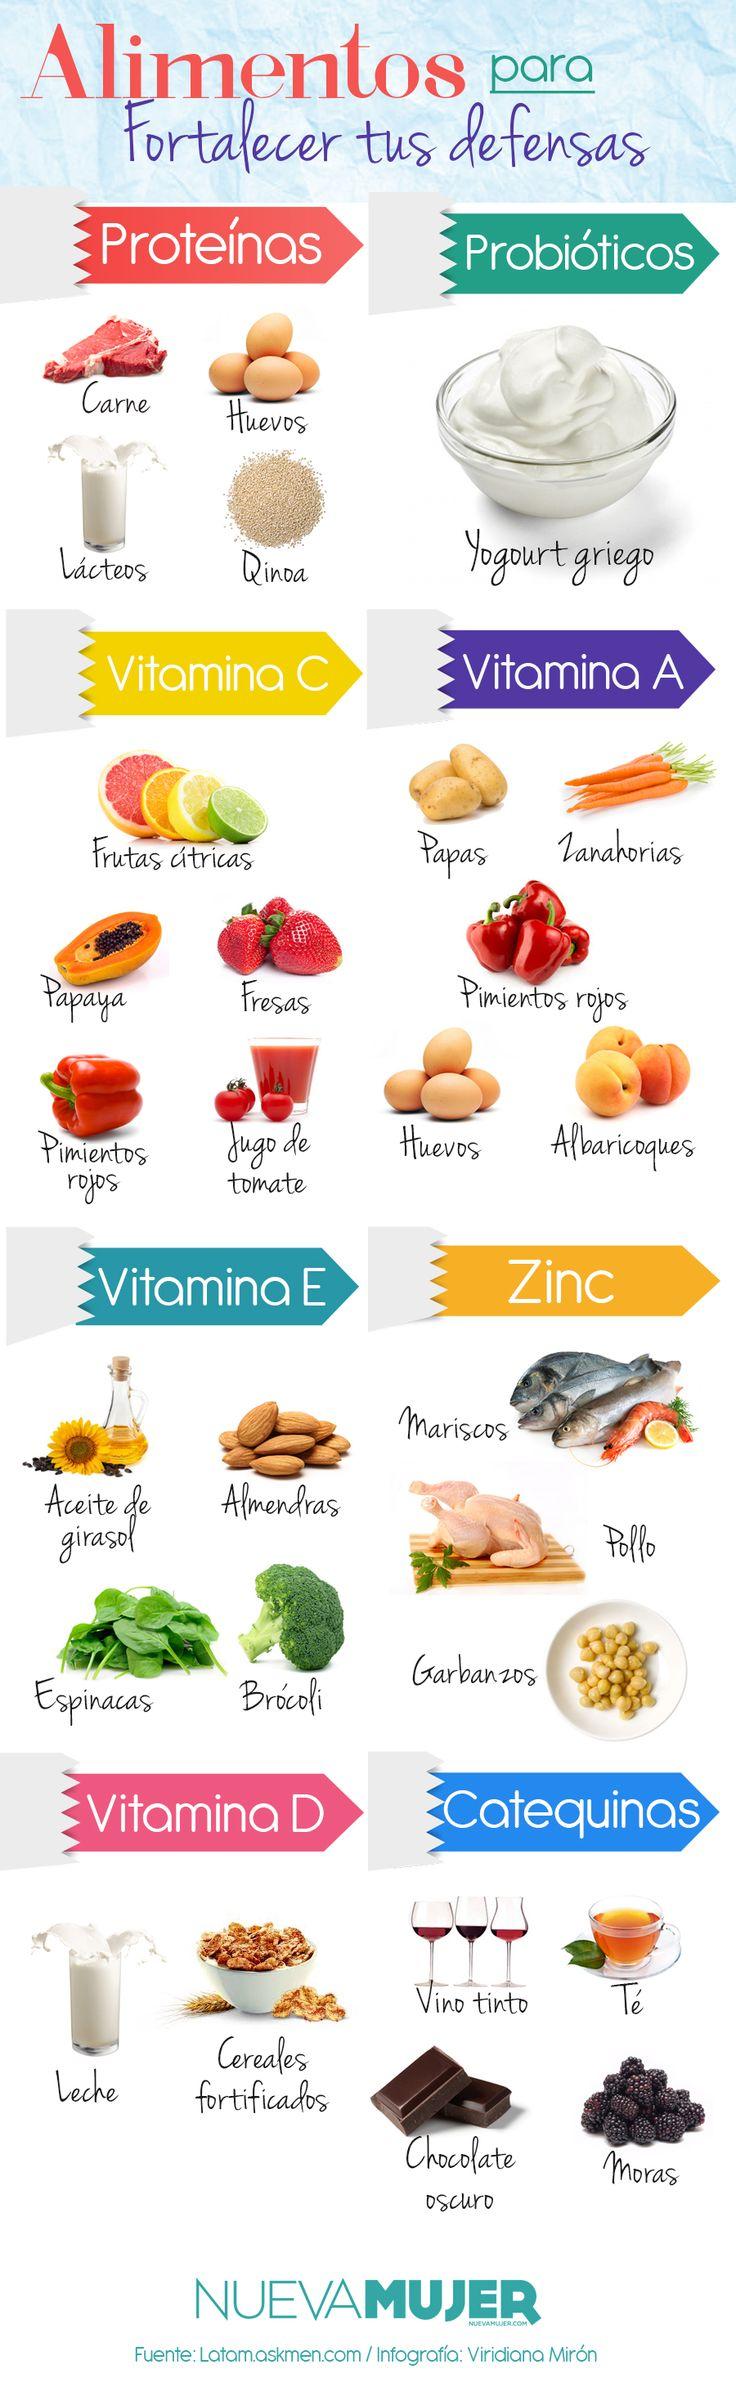 Te decimos qué alimentos sirven para fortalecer las defensas y el sistema inmunológico. Conócelos e incorpóralos en tu dieta.